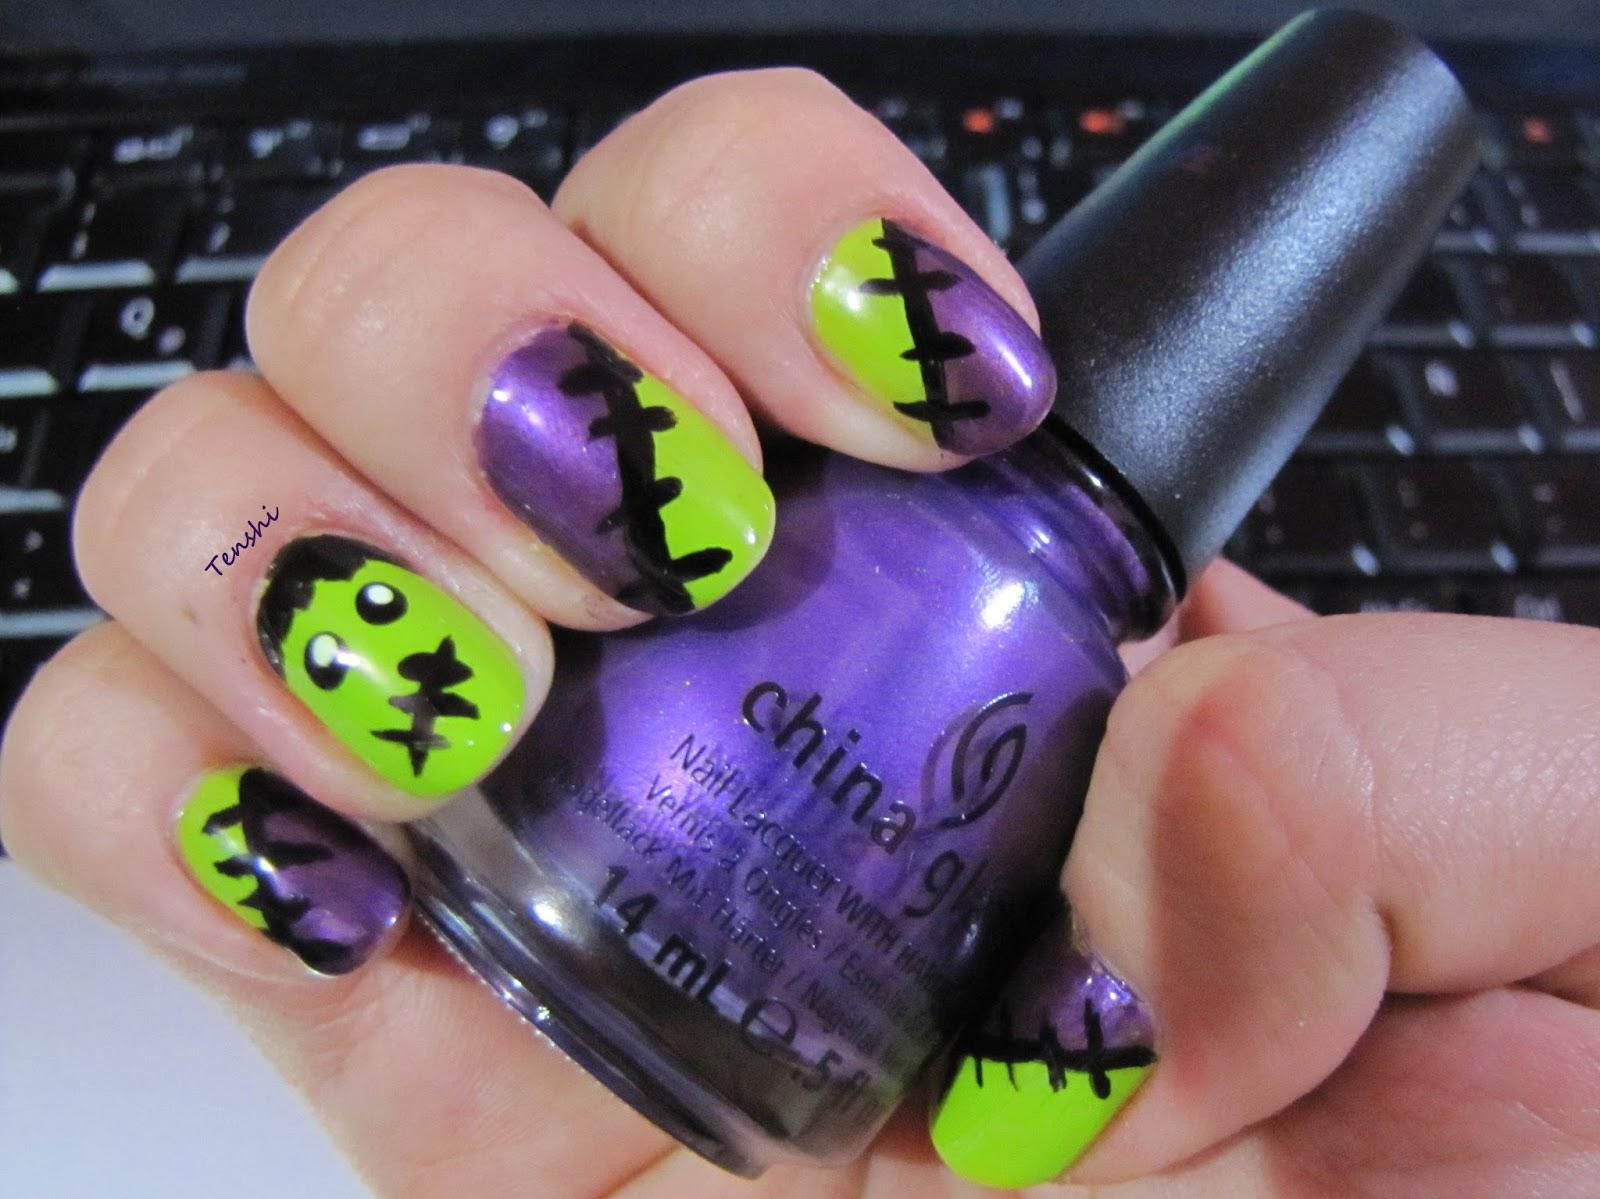 Nails by Tenshi: octubre 2013